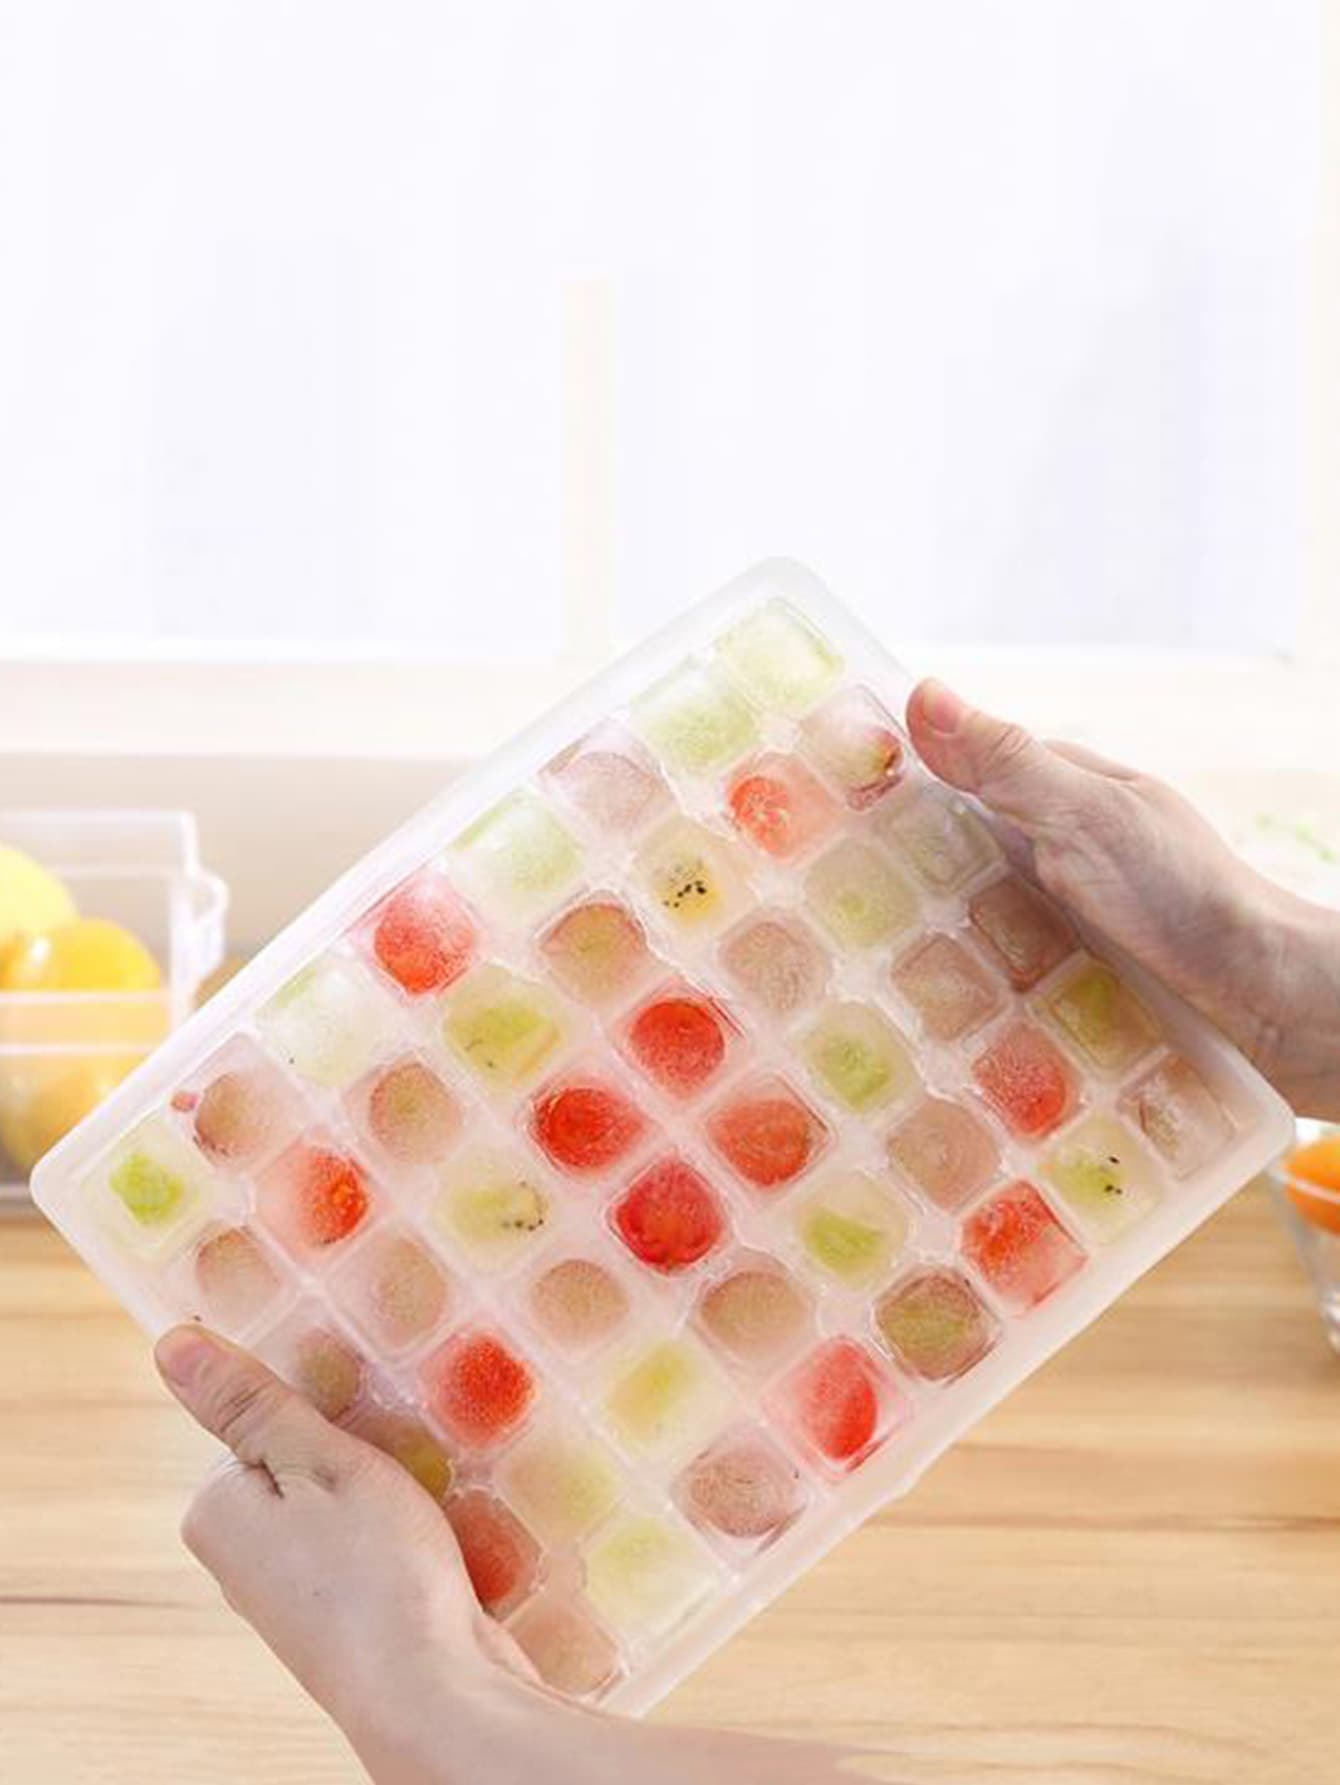 48 Lattice Ice Mold 1pc lattice ice mold